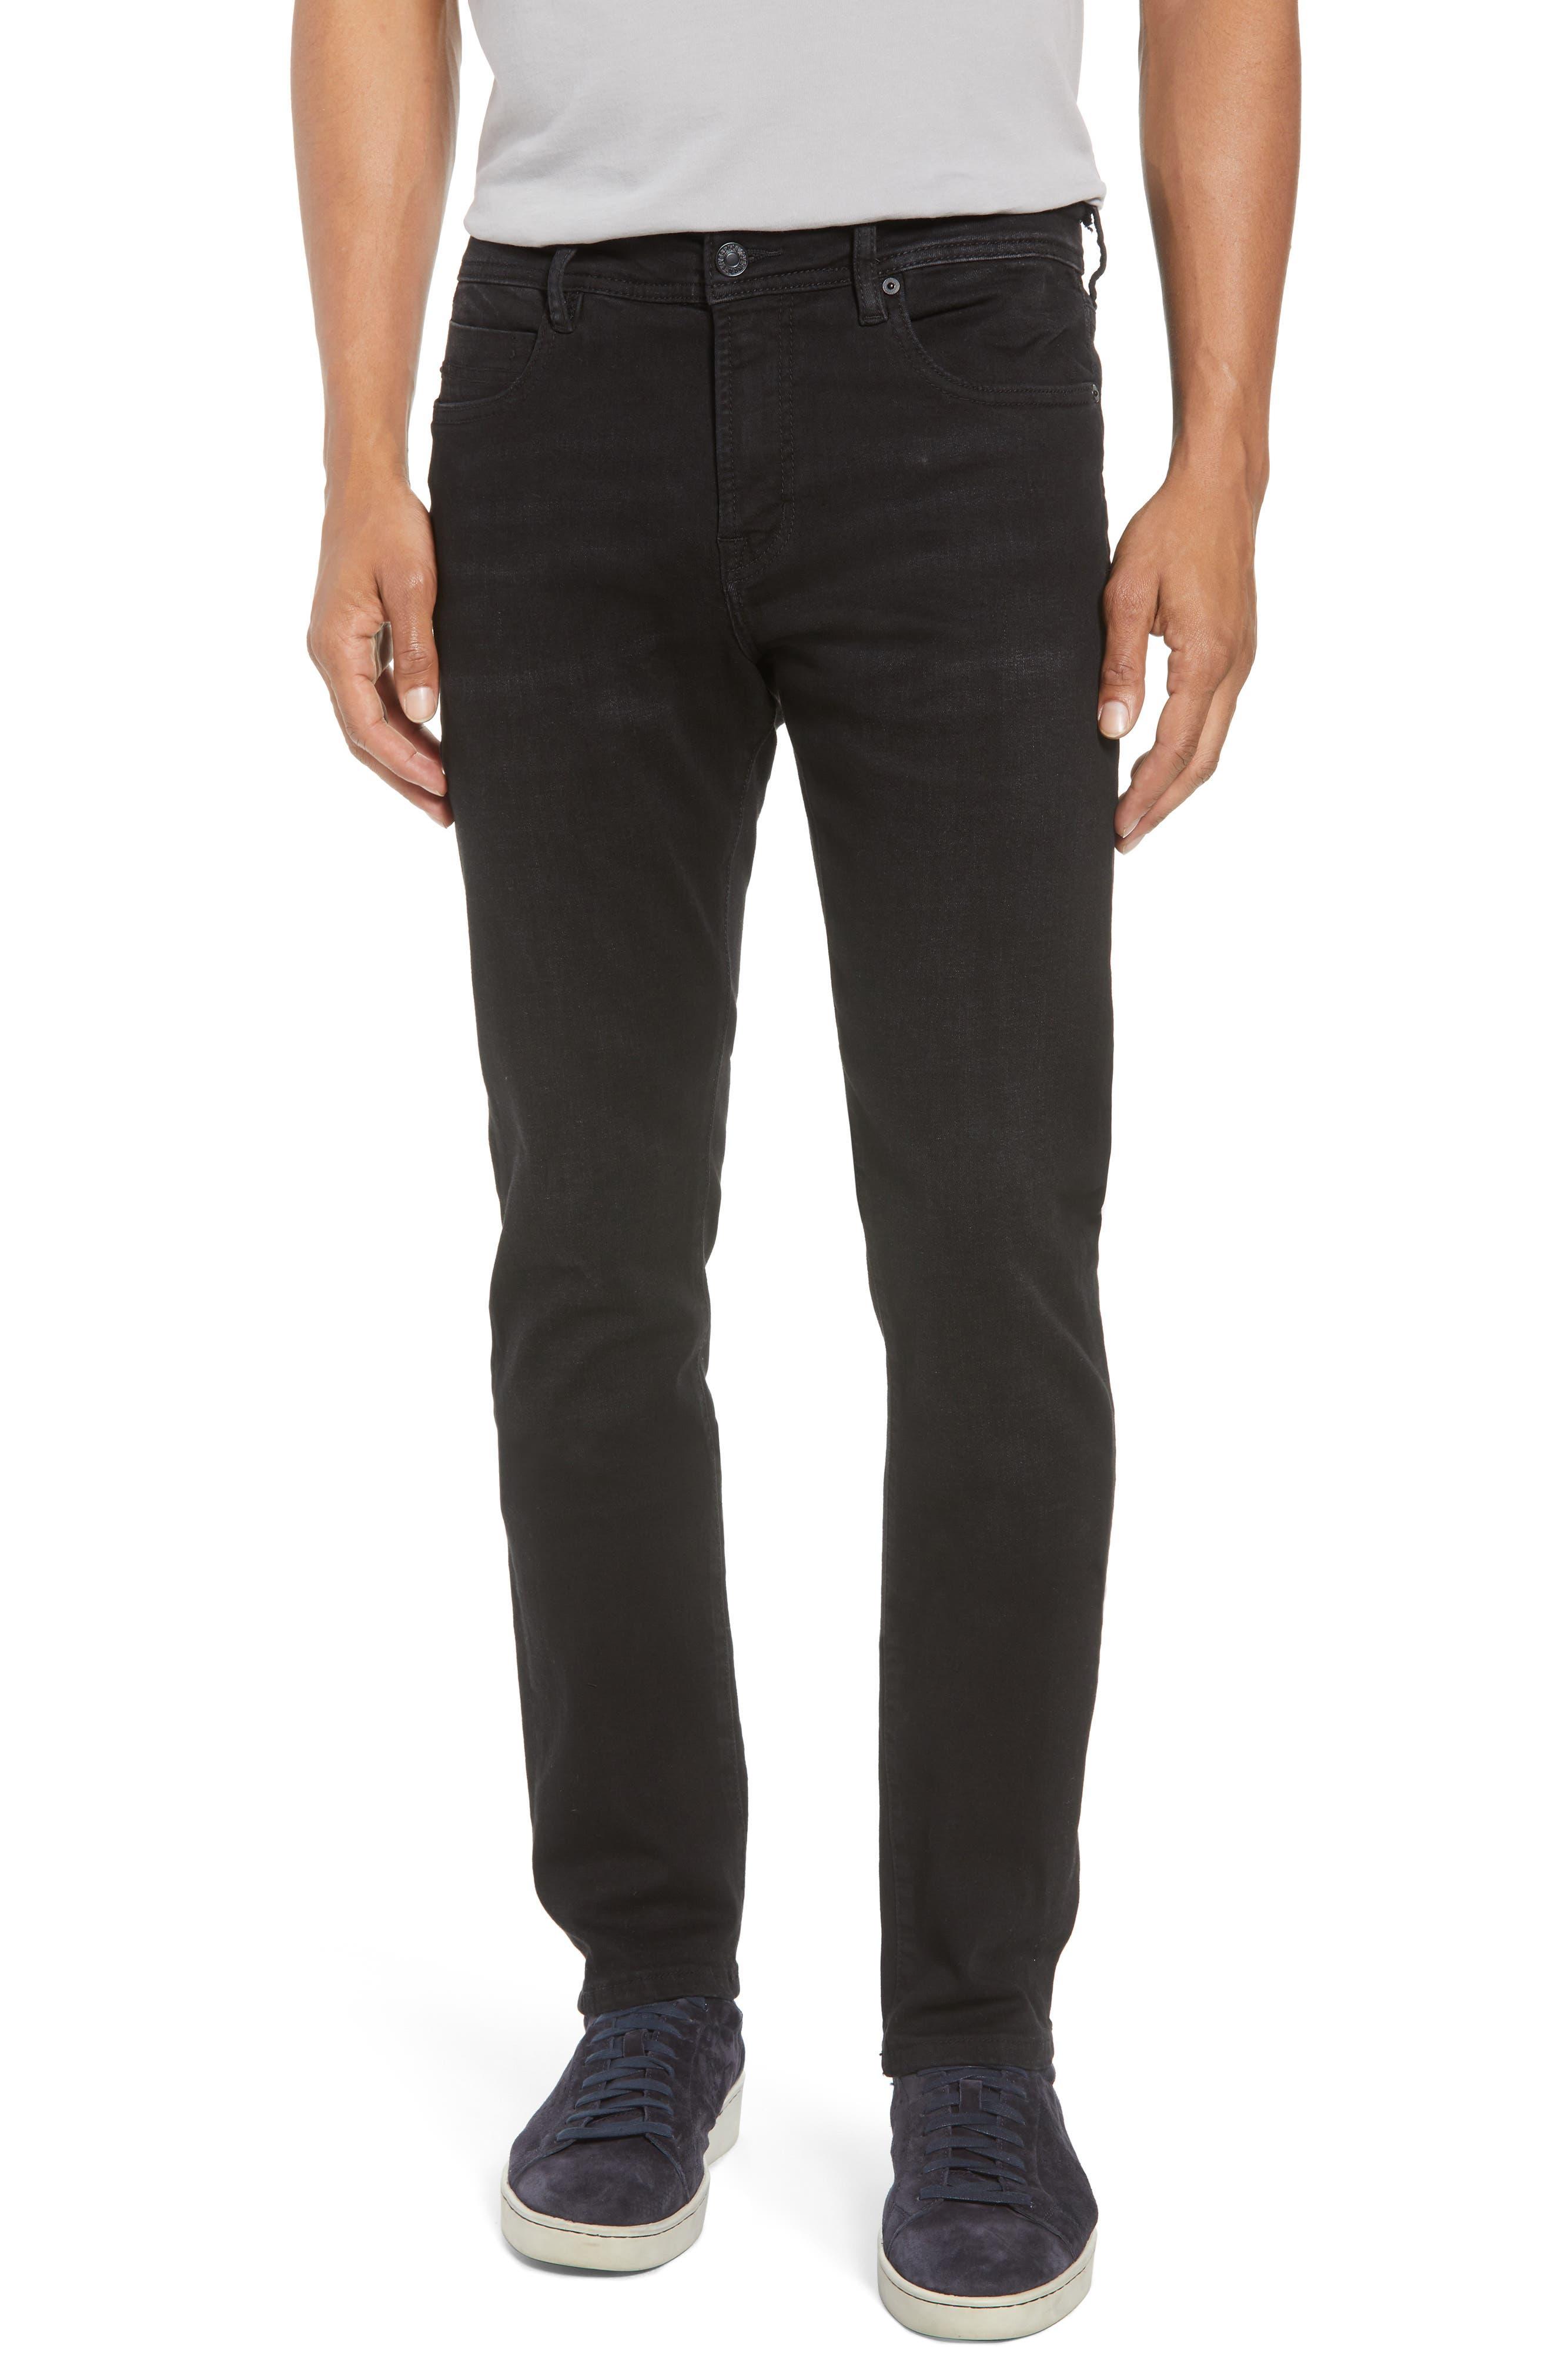 Kingston Slim Straight Leg Jeans,                             Main thumbnail 1, color,                             BULLET DARK